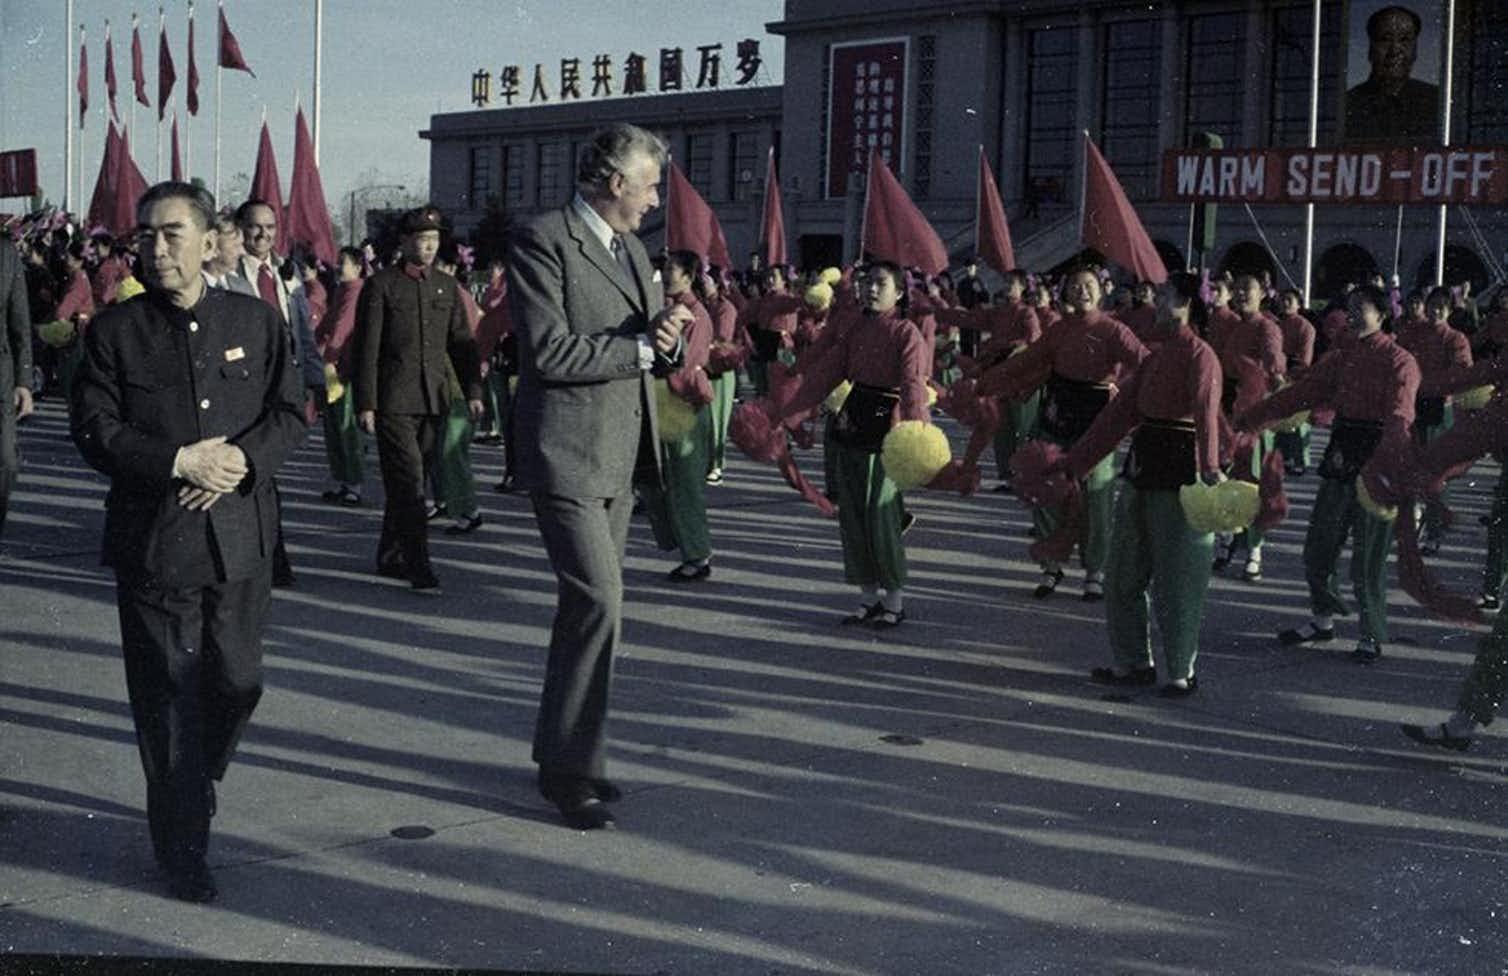 Un ritratto del 1973 di Geoff Whitlam e del Primo Ministro Zhou Enlai circondati da una parata di cinesi con in mano delle bandiere